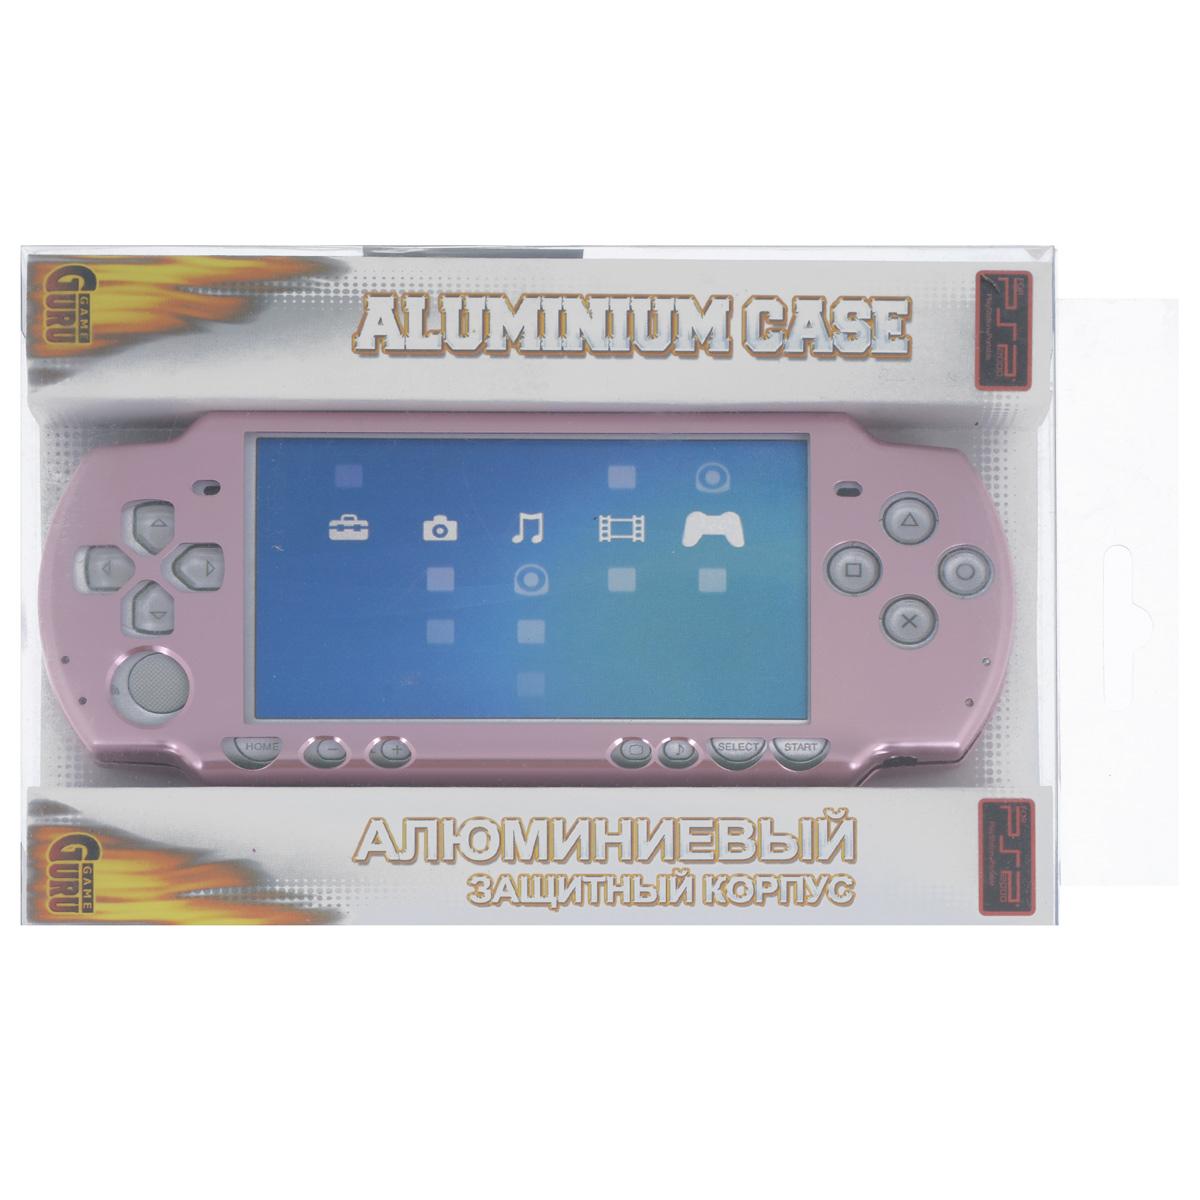 Алюминиевый защитный корпус Game Guru для Sony PSP 2000/3000 (розовый)PSP2000-Y027Алюминиевый защитный корпус Game Guru для Sony PSP 2000/3000 обеспечит сохранность вашей игровой приставки. Корпус обеспечит надежную защиту от царапин, трещин и сколов как во время работы, так и при перевозке, а также сделает использование гаджета более комфортным благодаря свободному доступу ко всем функциональным кнопкам.